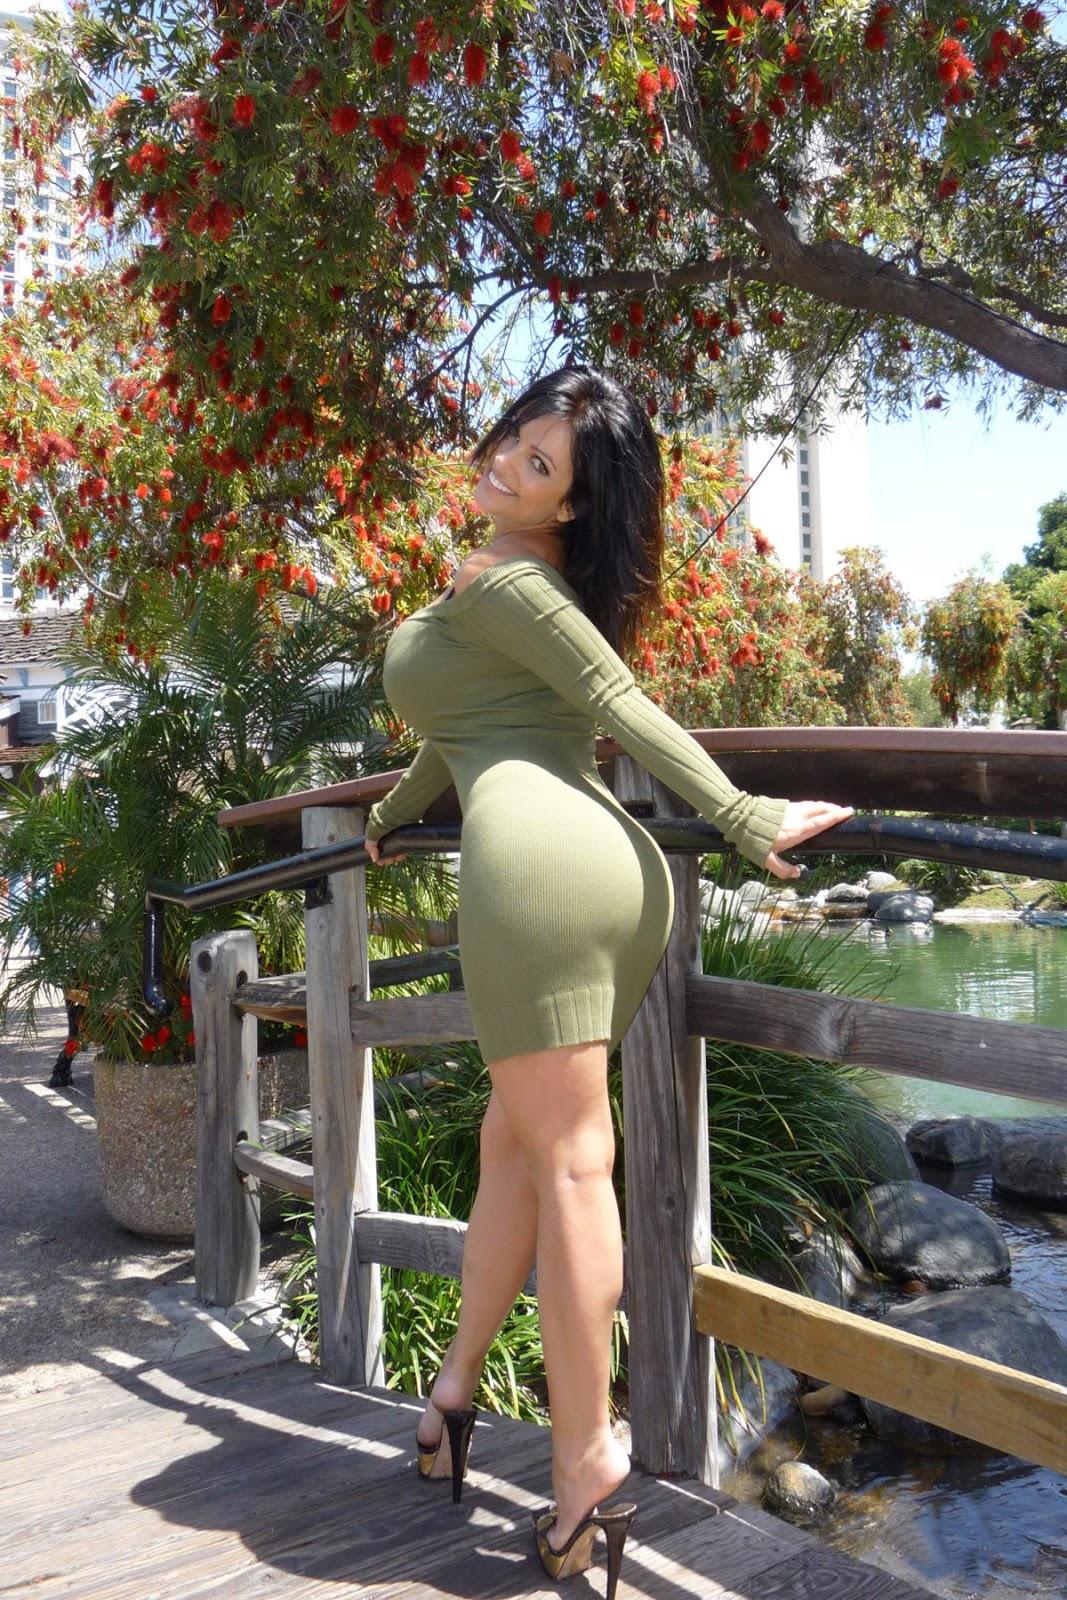 http://3.bp.blogspot.com/-kE5Wk7RexLc/UH0kmUkbBII/AAAAAAAAbV8/MQM9BczgMk8/s1600/00000000000000000000000000000000000000000000000.jpg